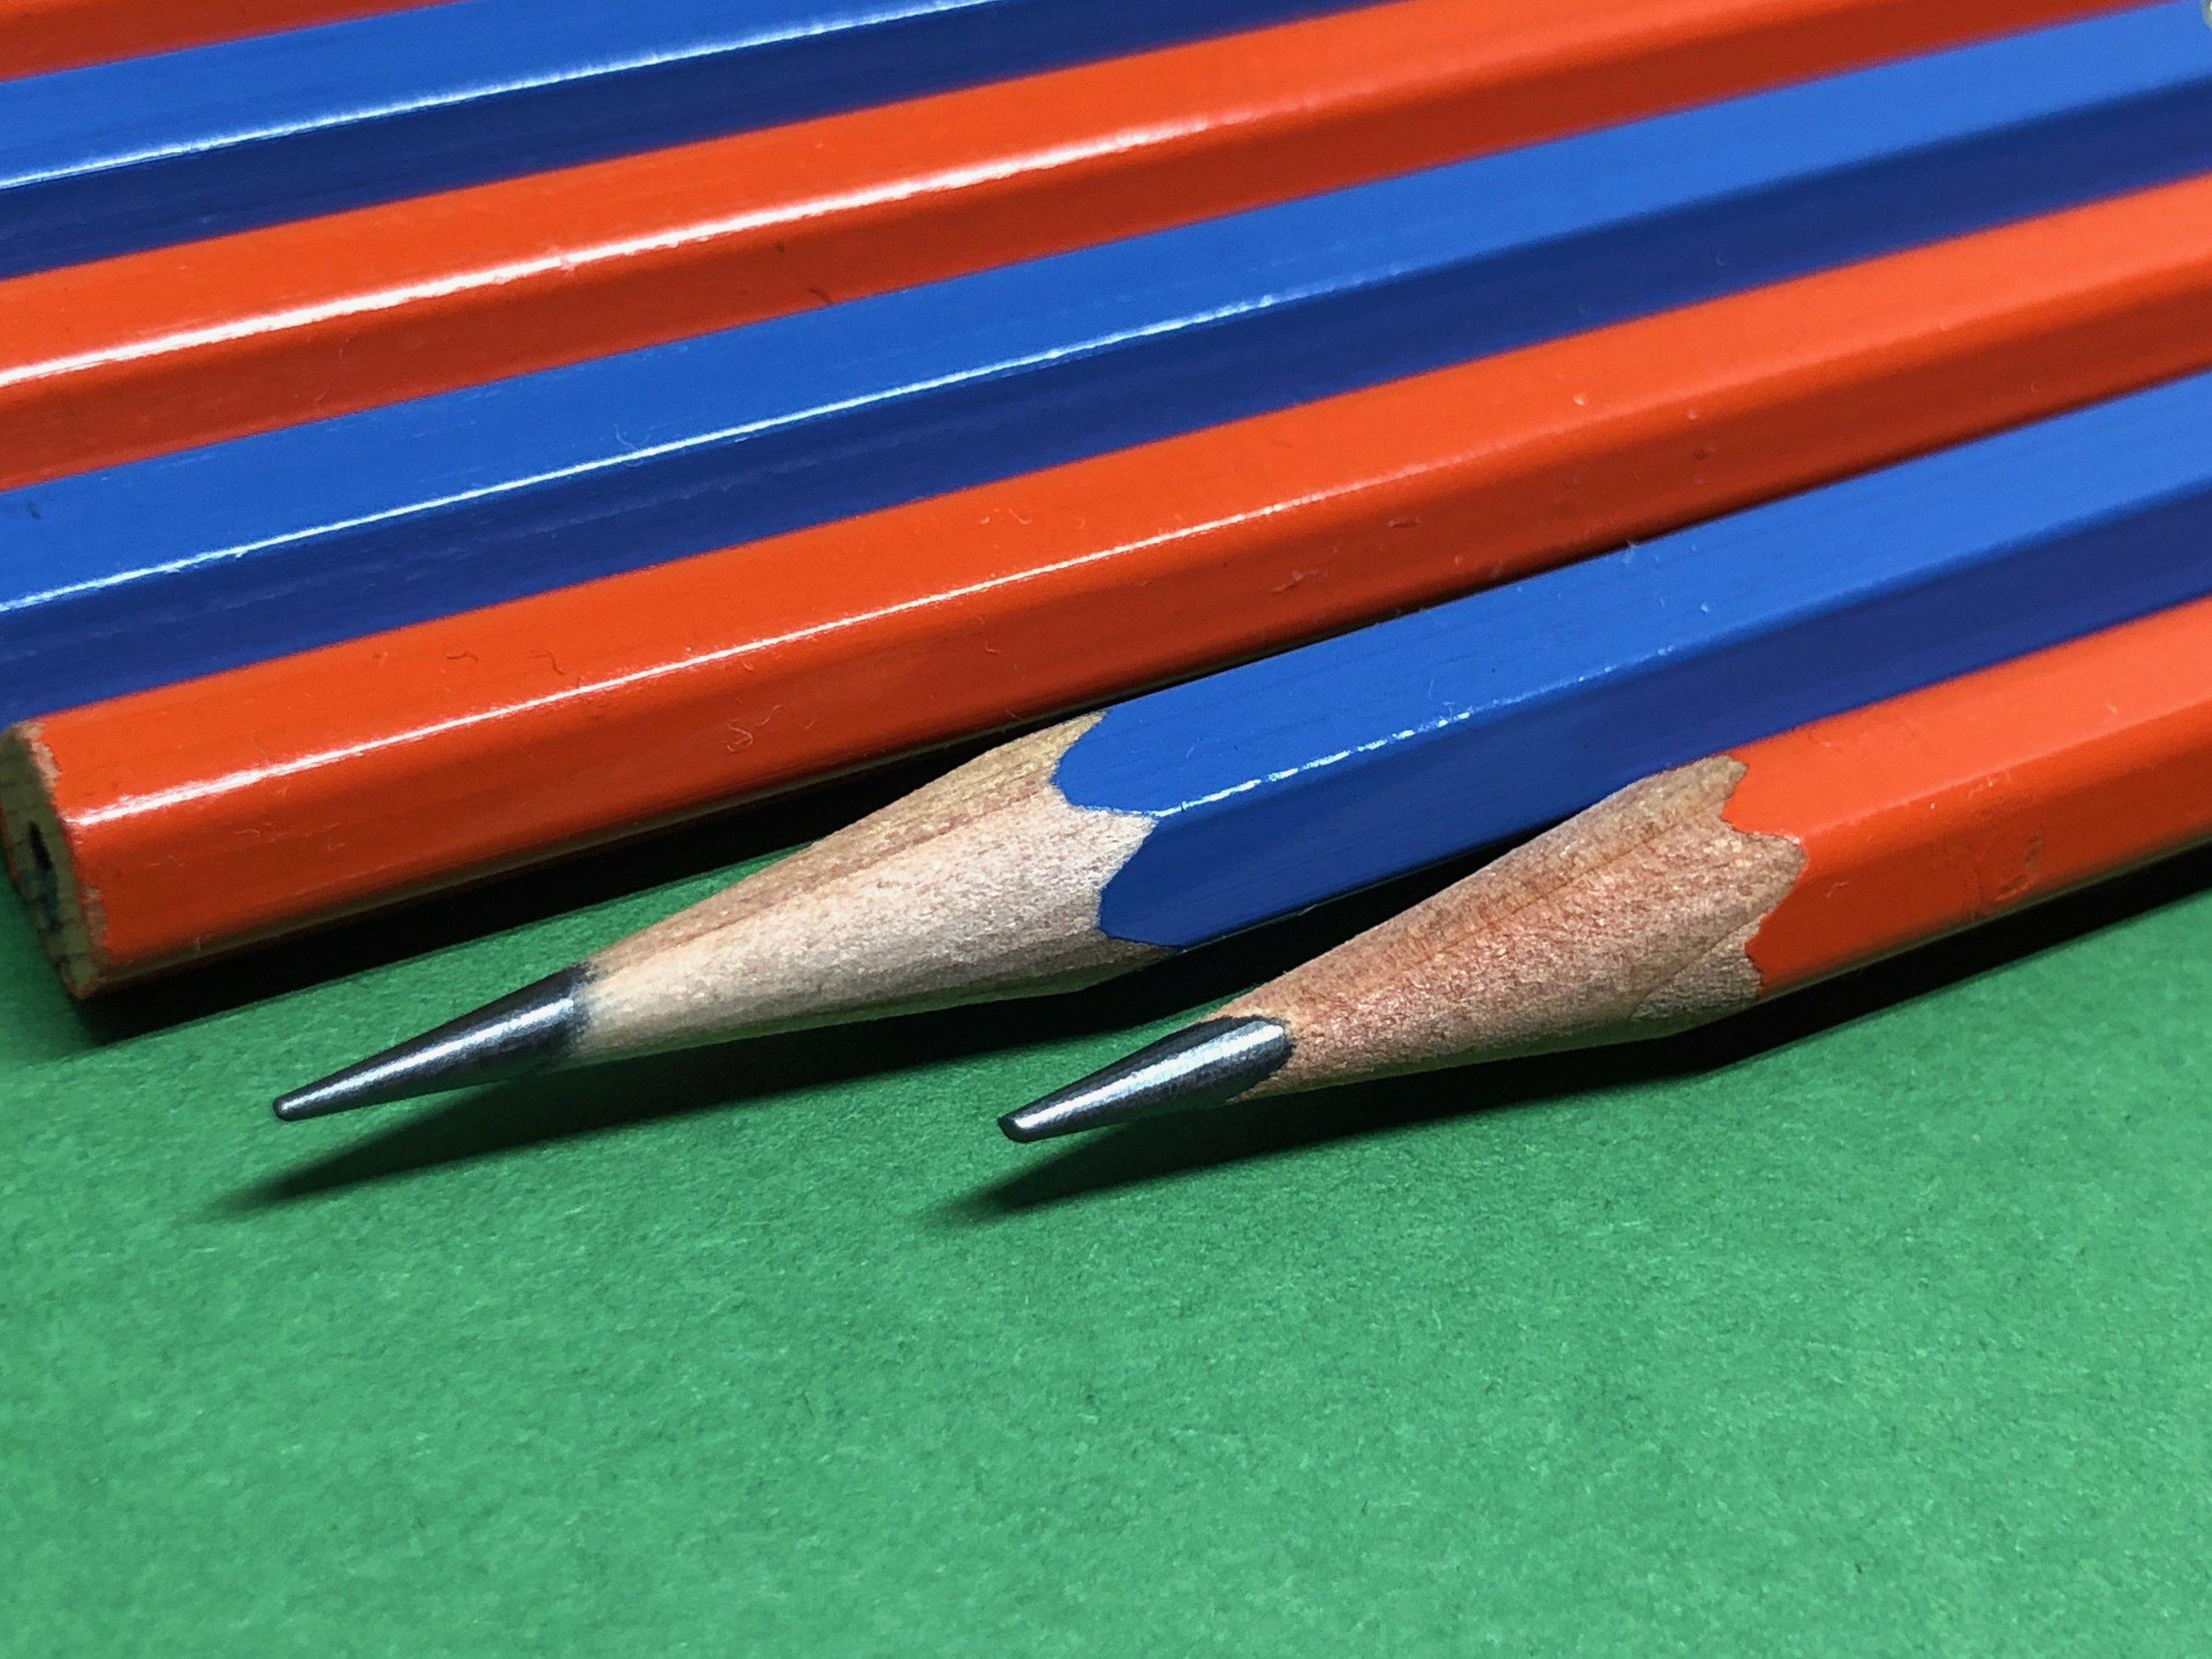 palomino-golden-bear-pencil-3.jpg